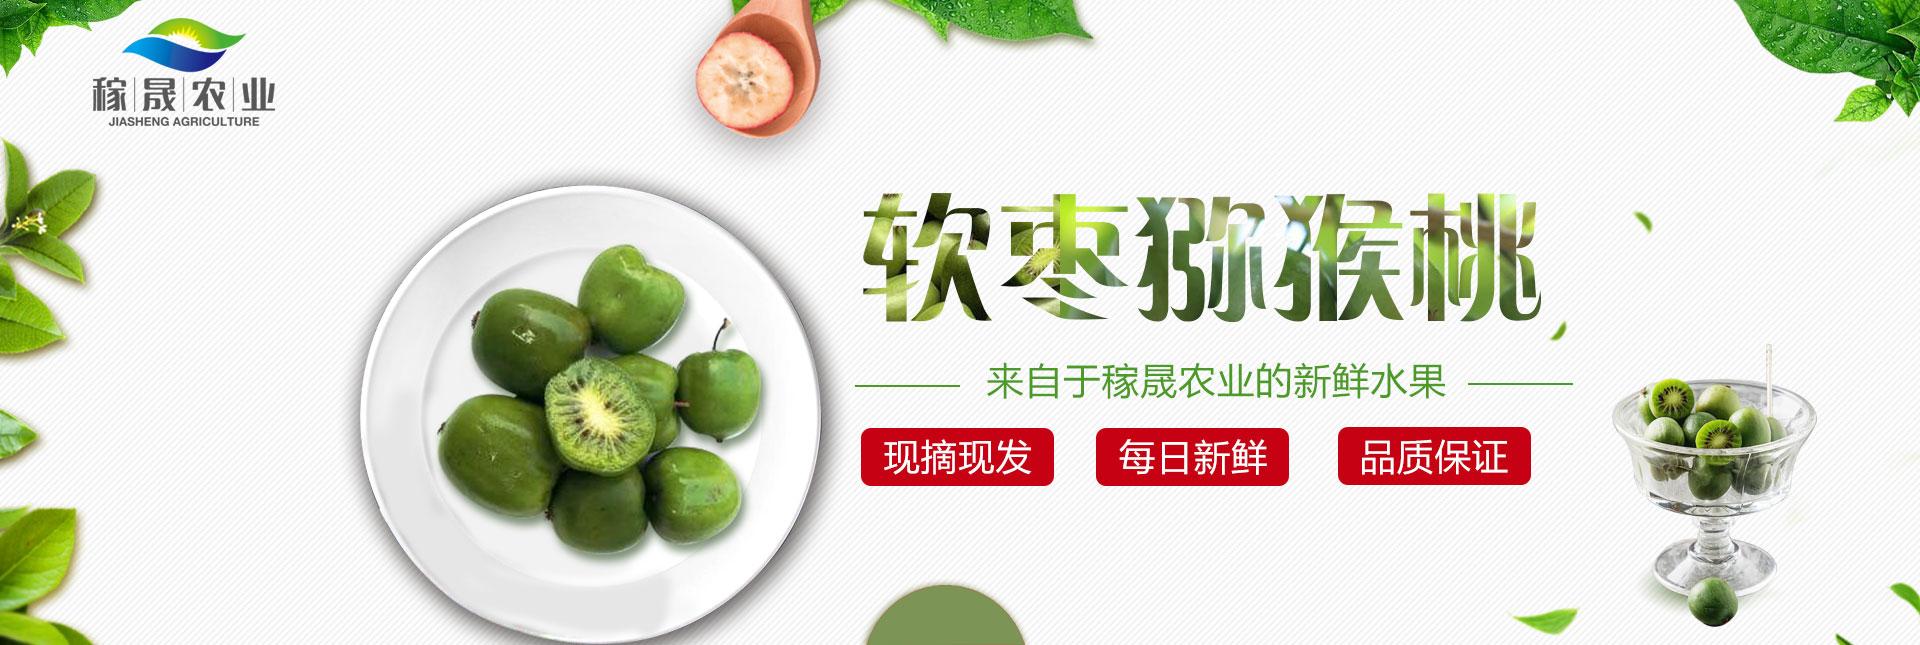 公司對軟棗獼猴桃的保證